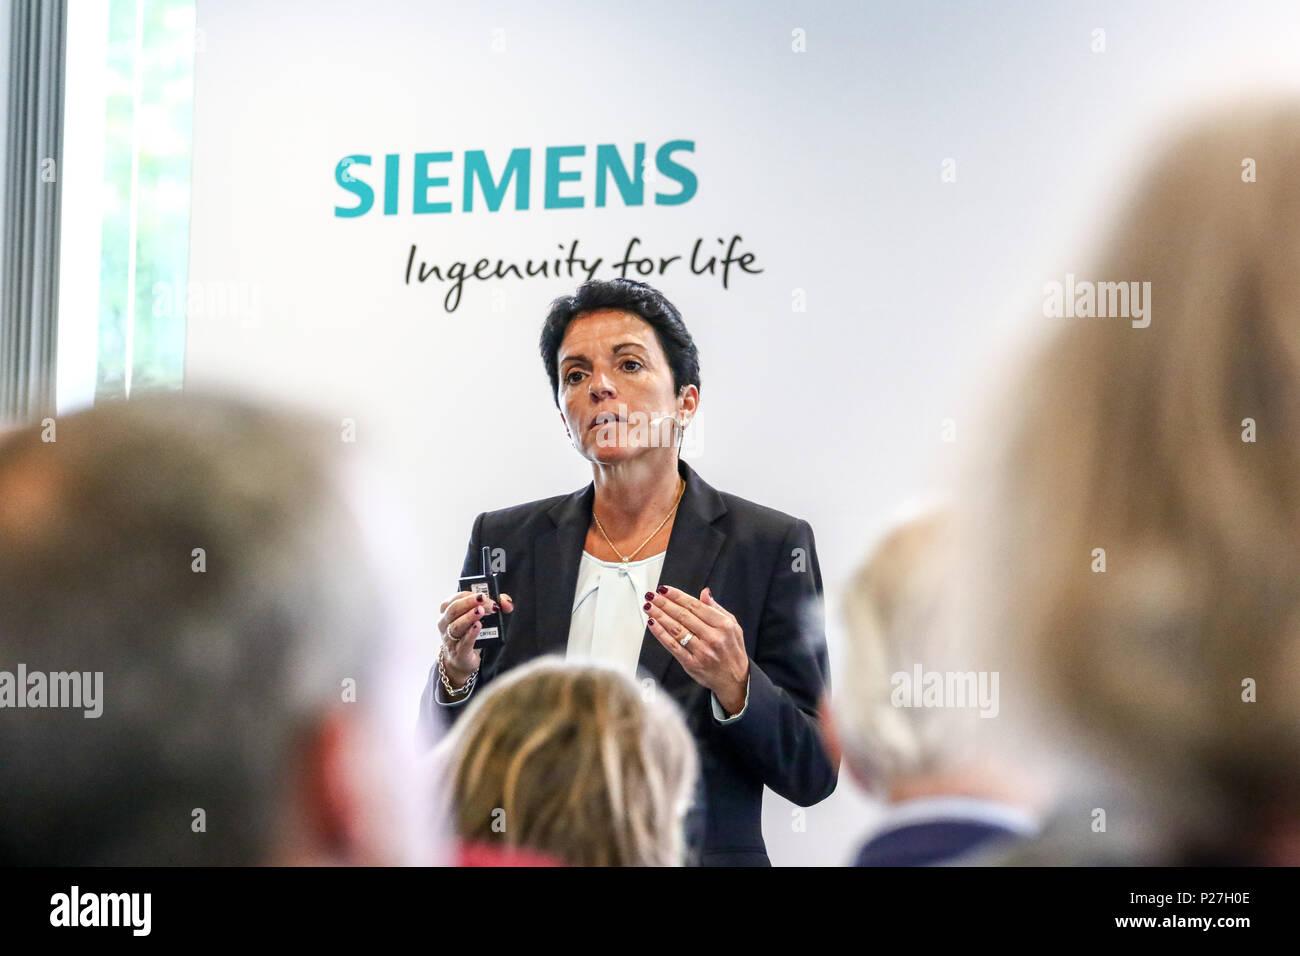 Siemens praesentiert auf der Innotrans 2018 ein neues Fahrzeugkonzept fuer Hochgeschwindigkeitszuege. Der Velaro Novo setzt neue Massstaebe in puncto Witschaftlichkeit und Nachhaltigkeit. Siemens hat die Plattform fuer einen weltweiten Einsatz entwickelt. Anlaesslich einer Presse-Vorbesprechung zur Innotrans stellte Sabrina Soussan, CEO der Division Mobility von Siemens das neue Konzept der Velaro Plattform vor. - Stock Image